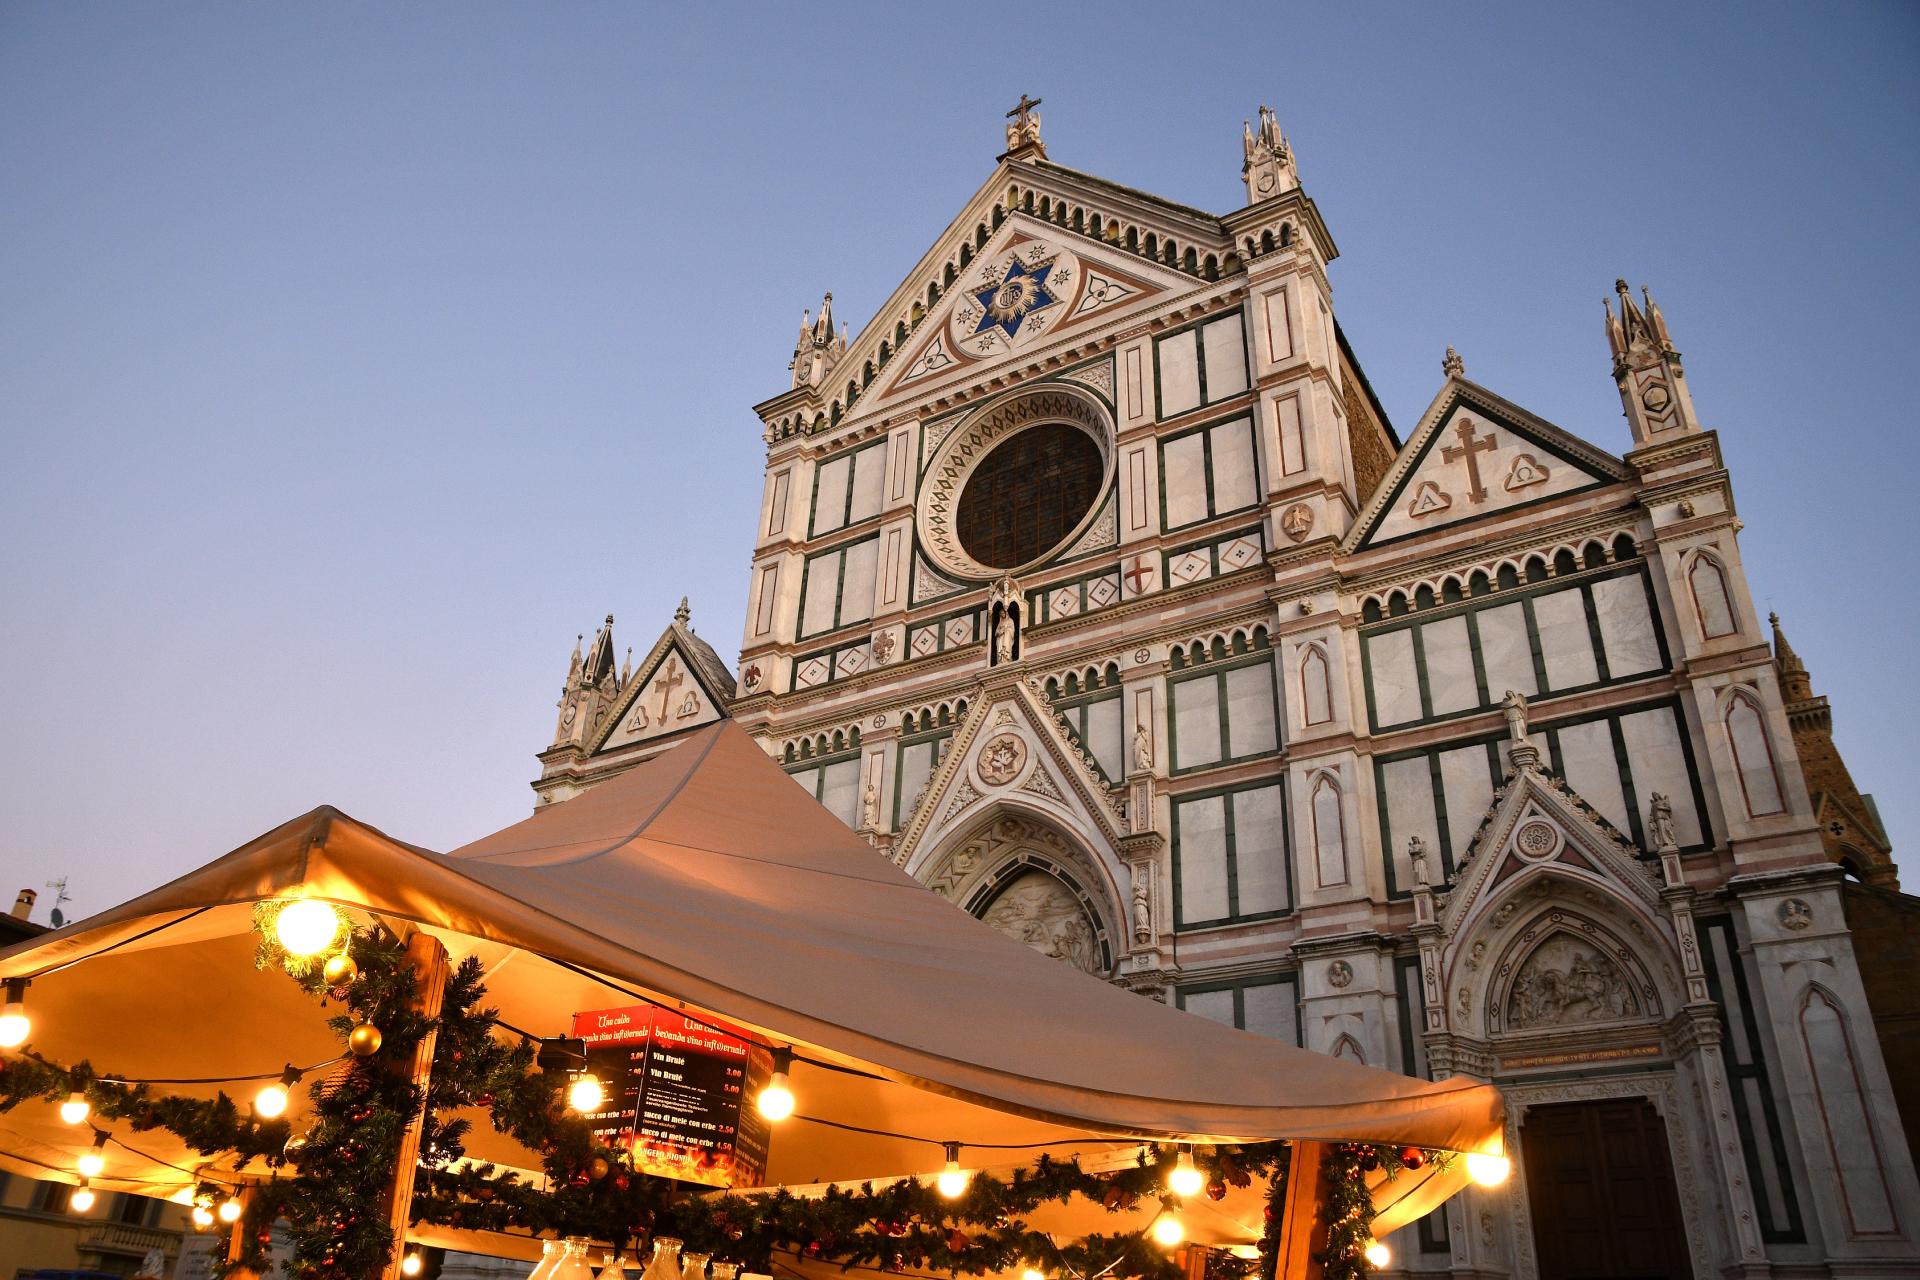 Natale a Firenze, tra momenti speciali e tradizioni.